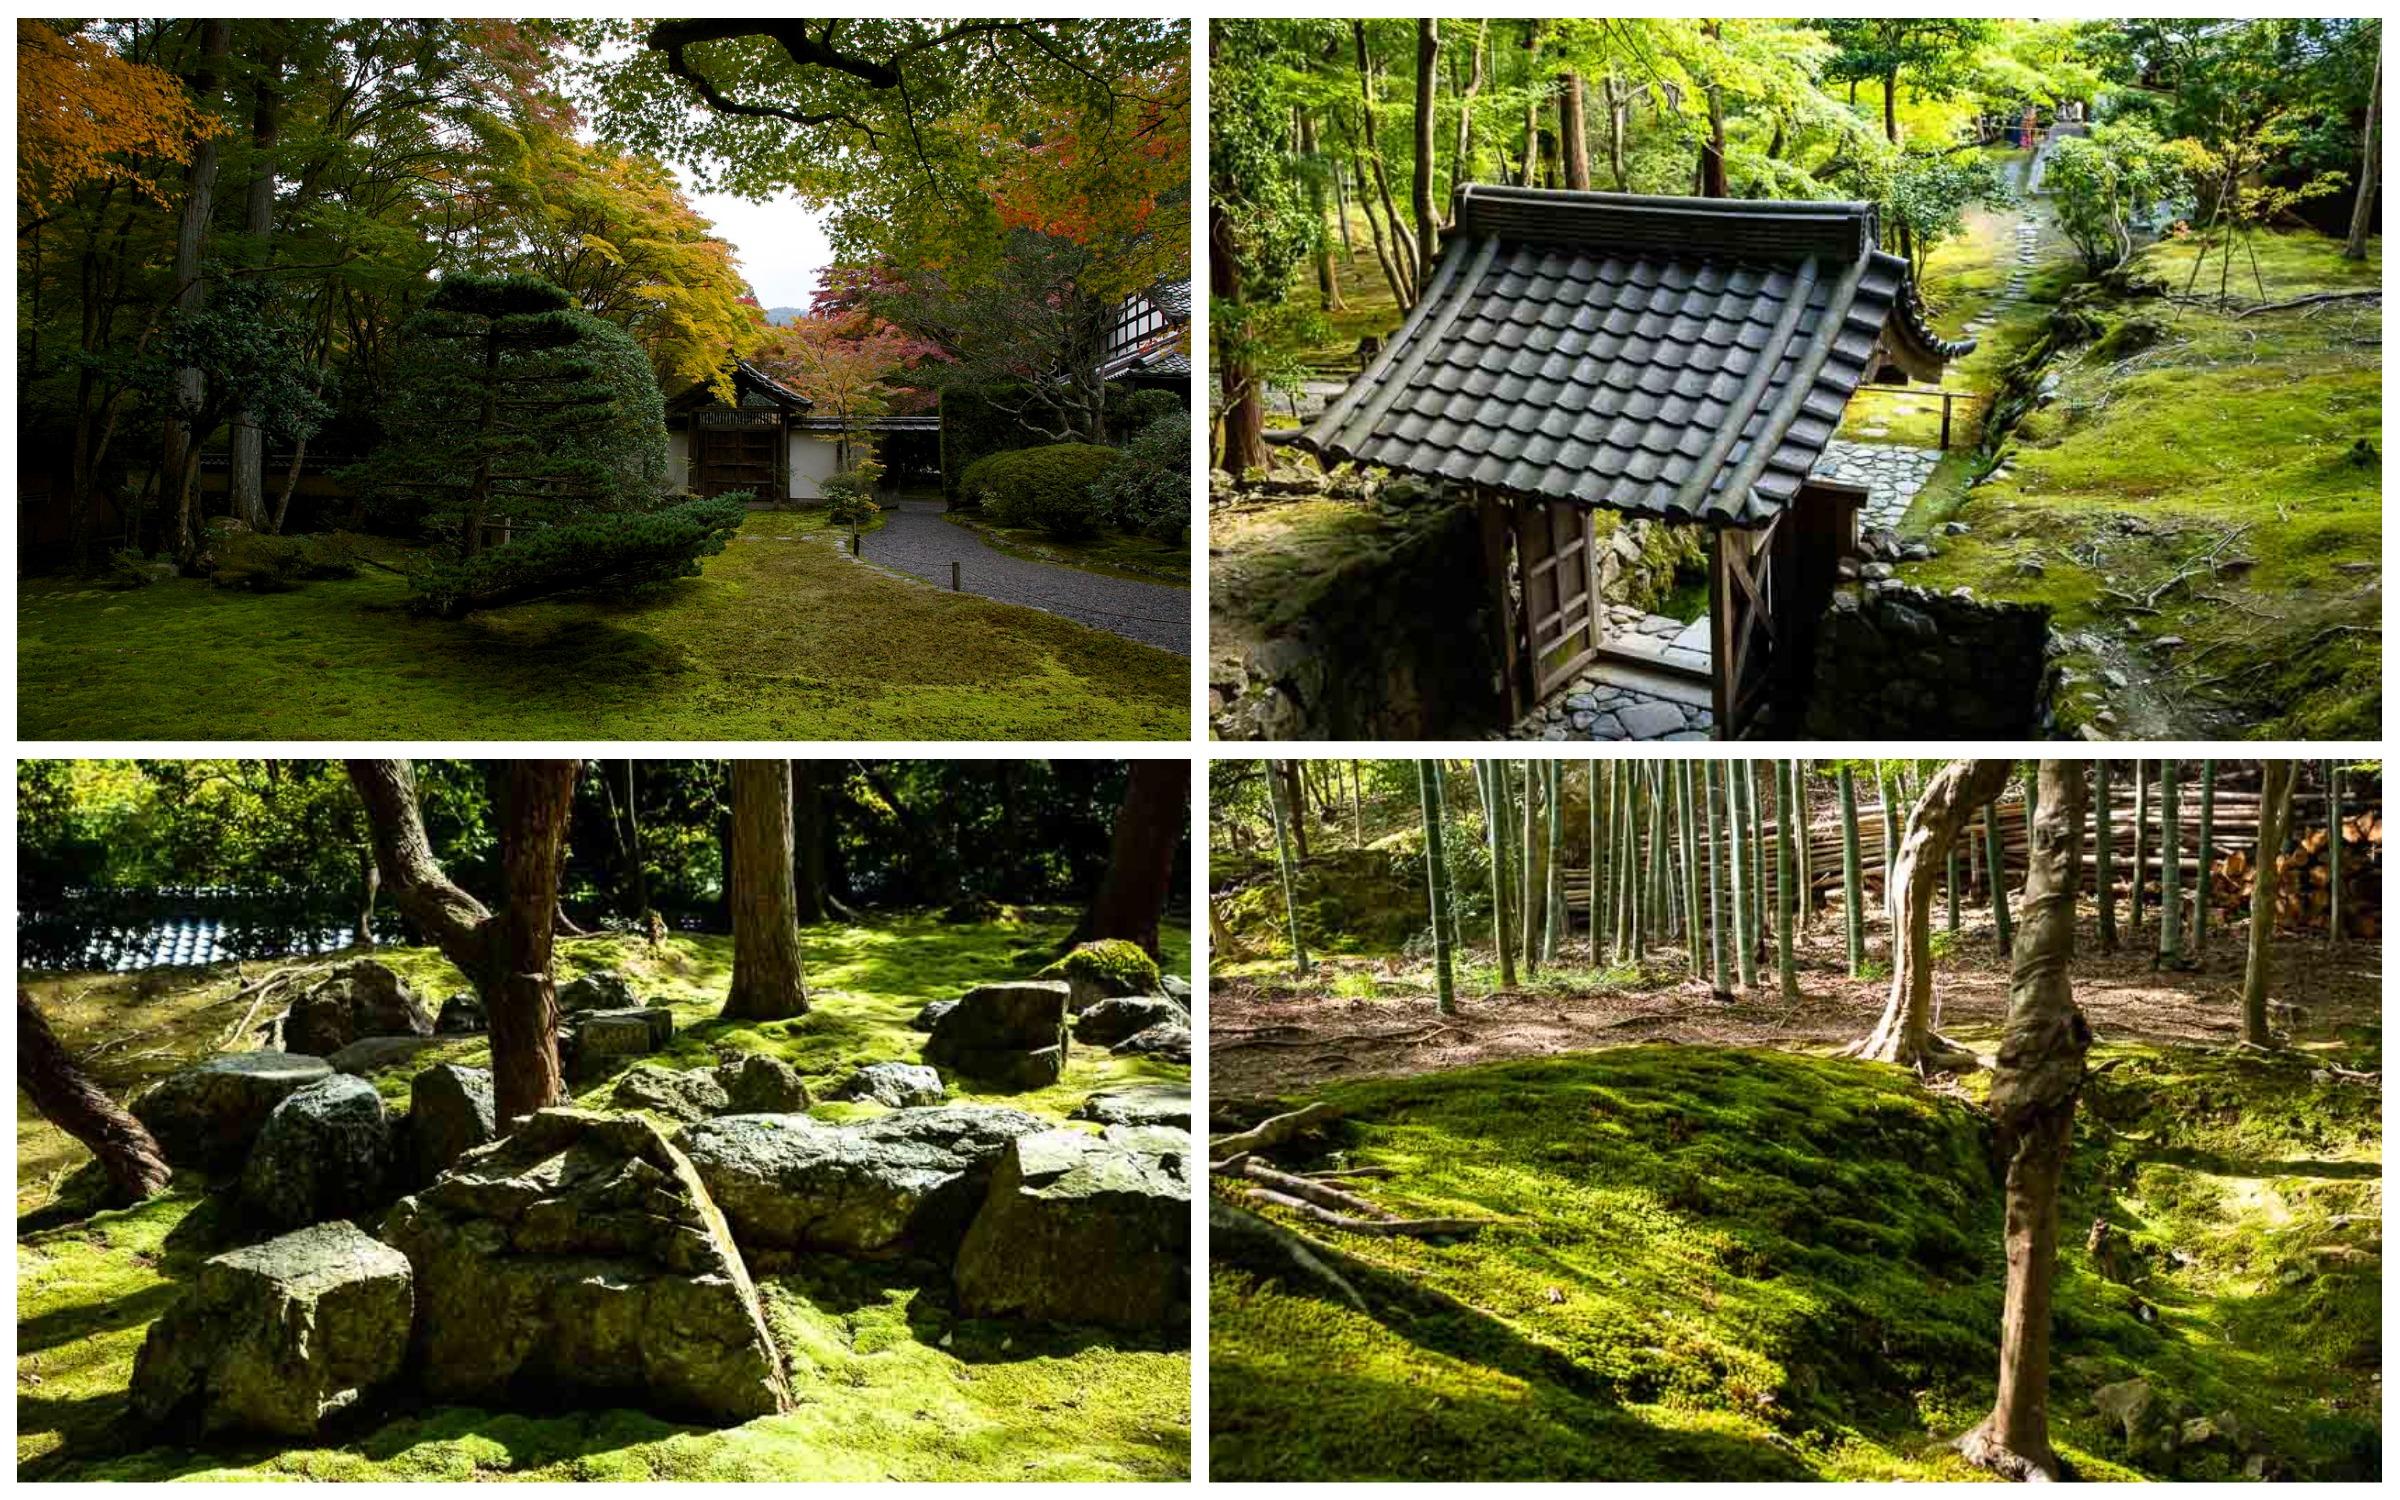 фото храм в Японии Кокедера